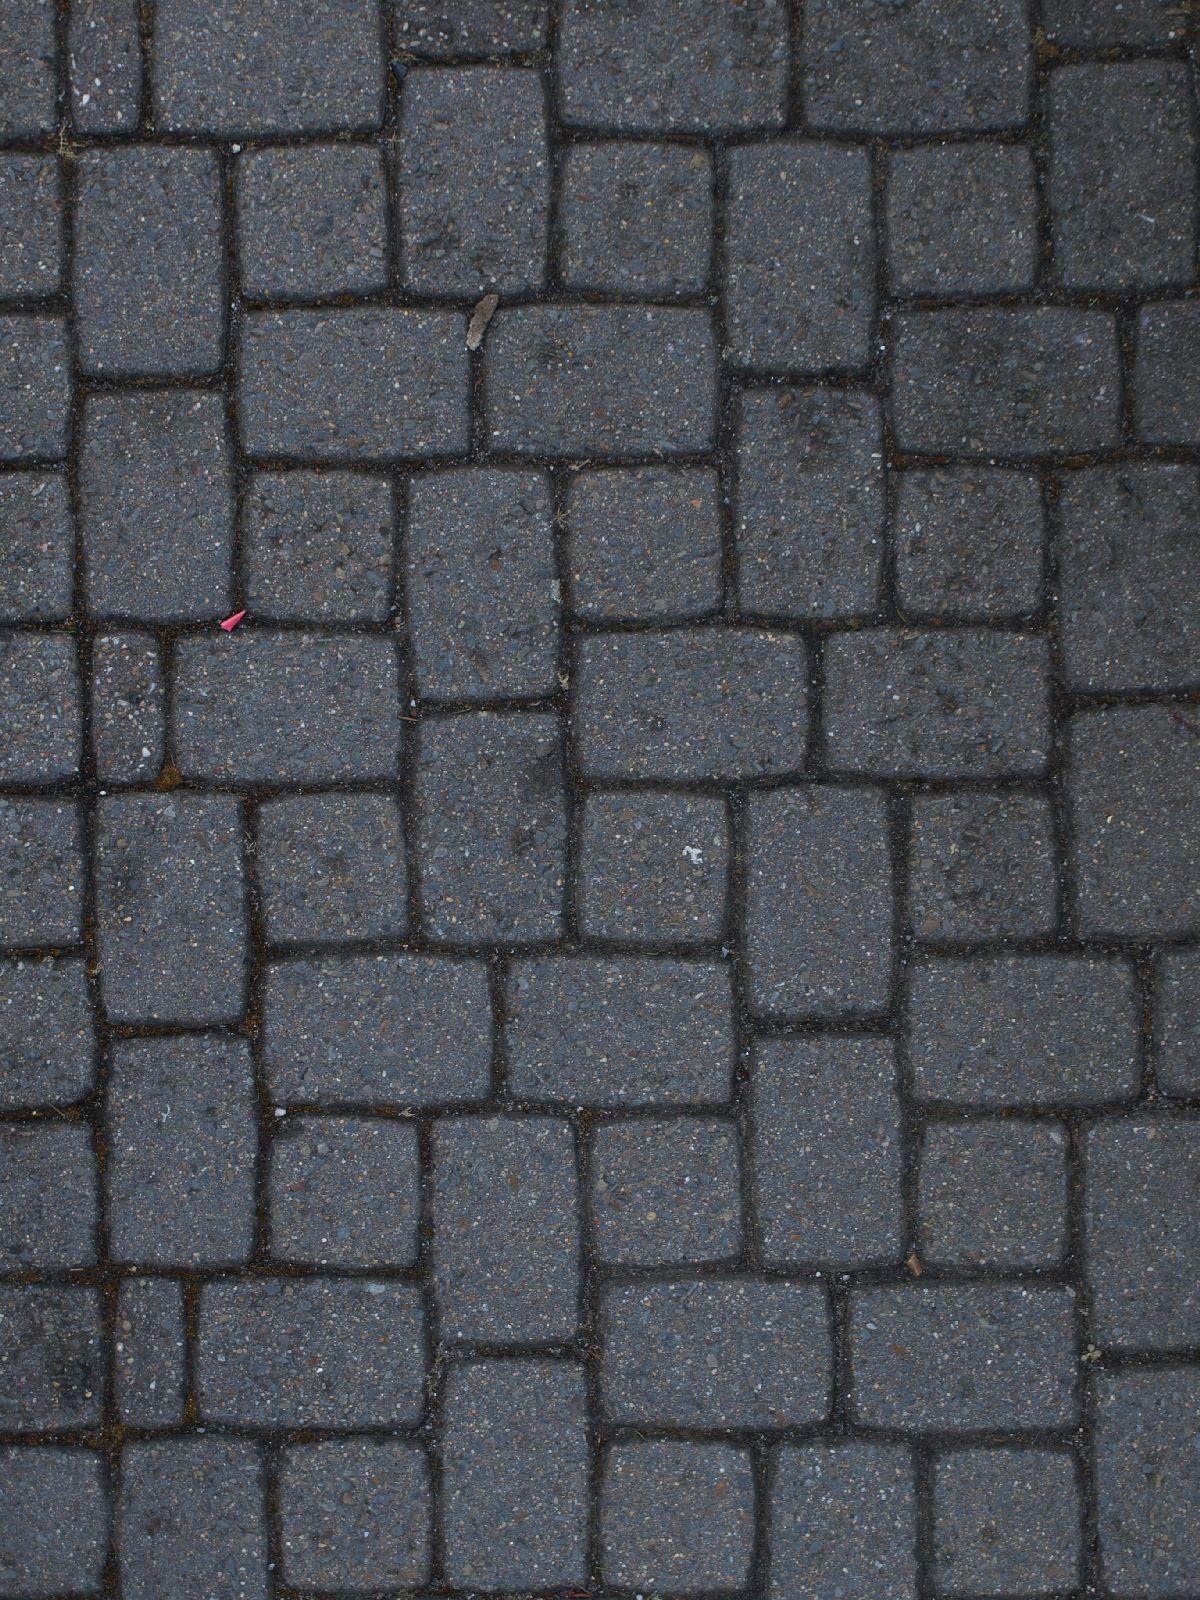 Ground-Urban_Texture_A_P1259916